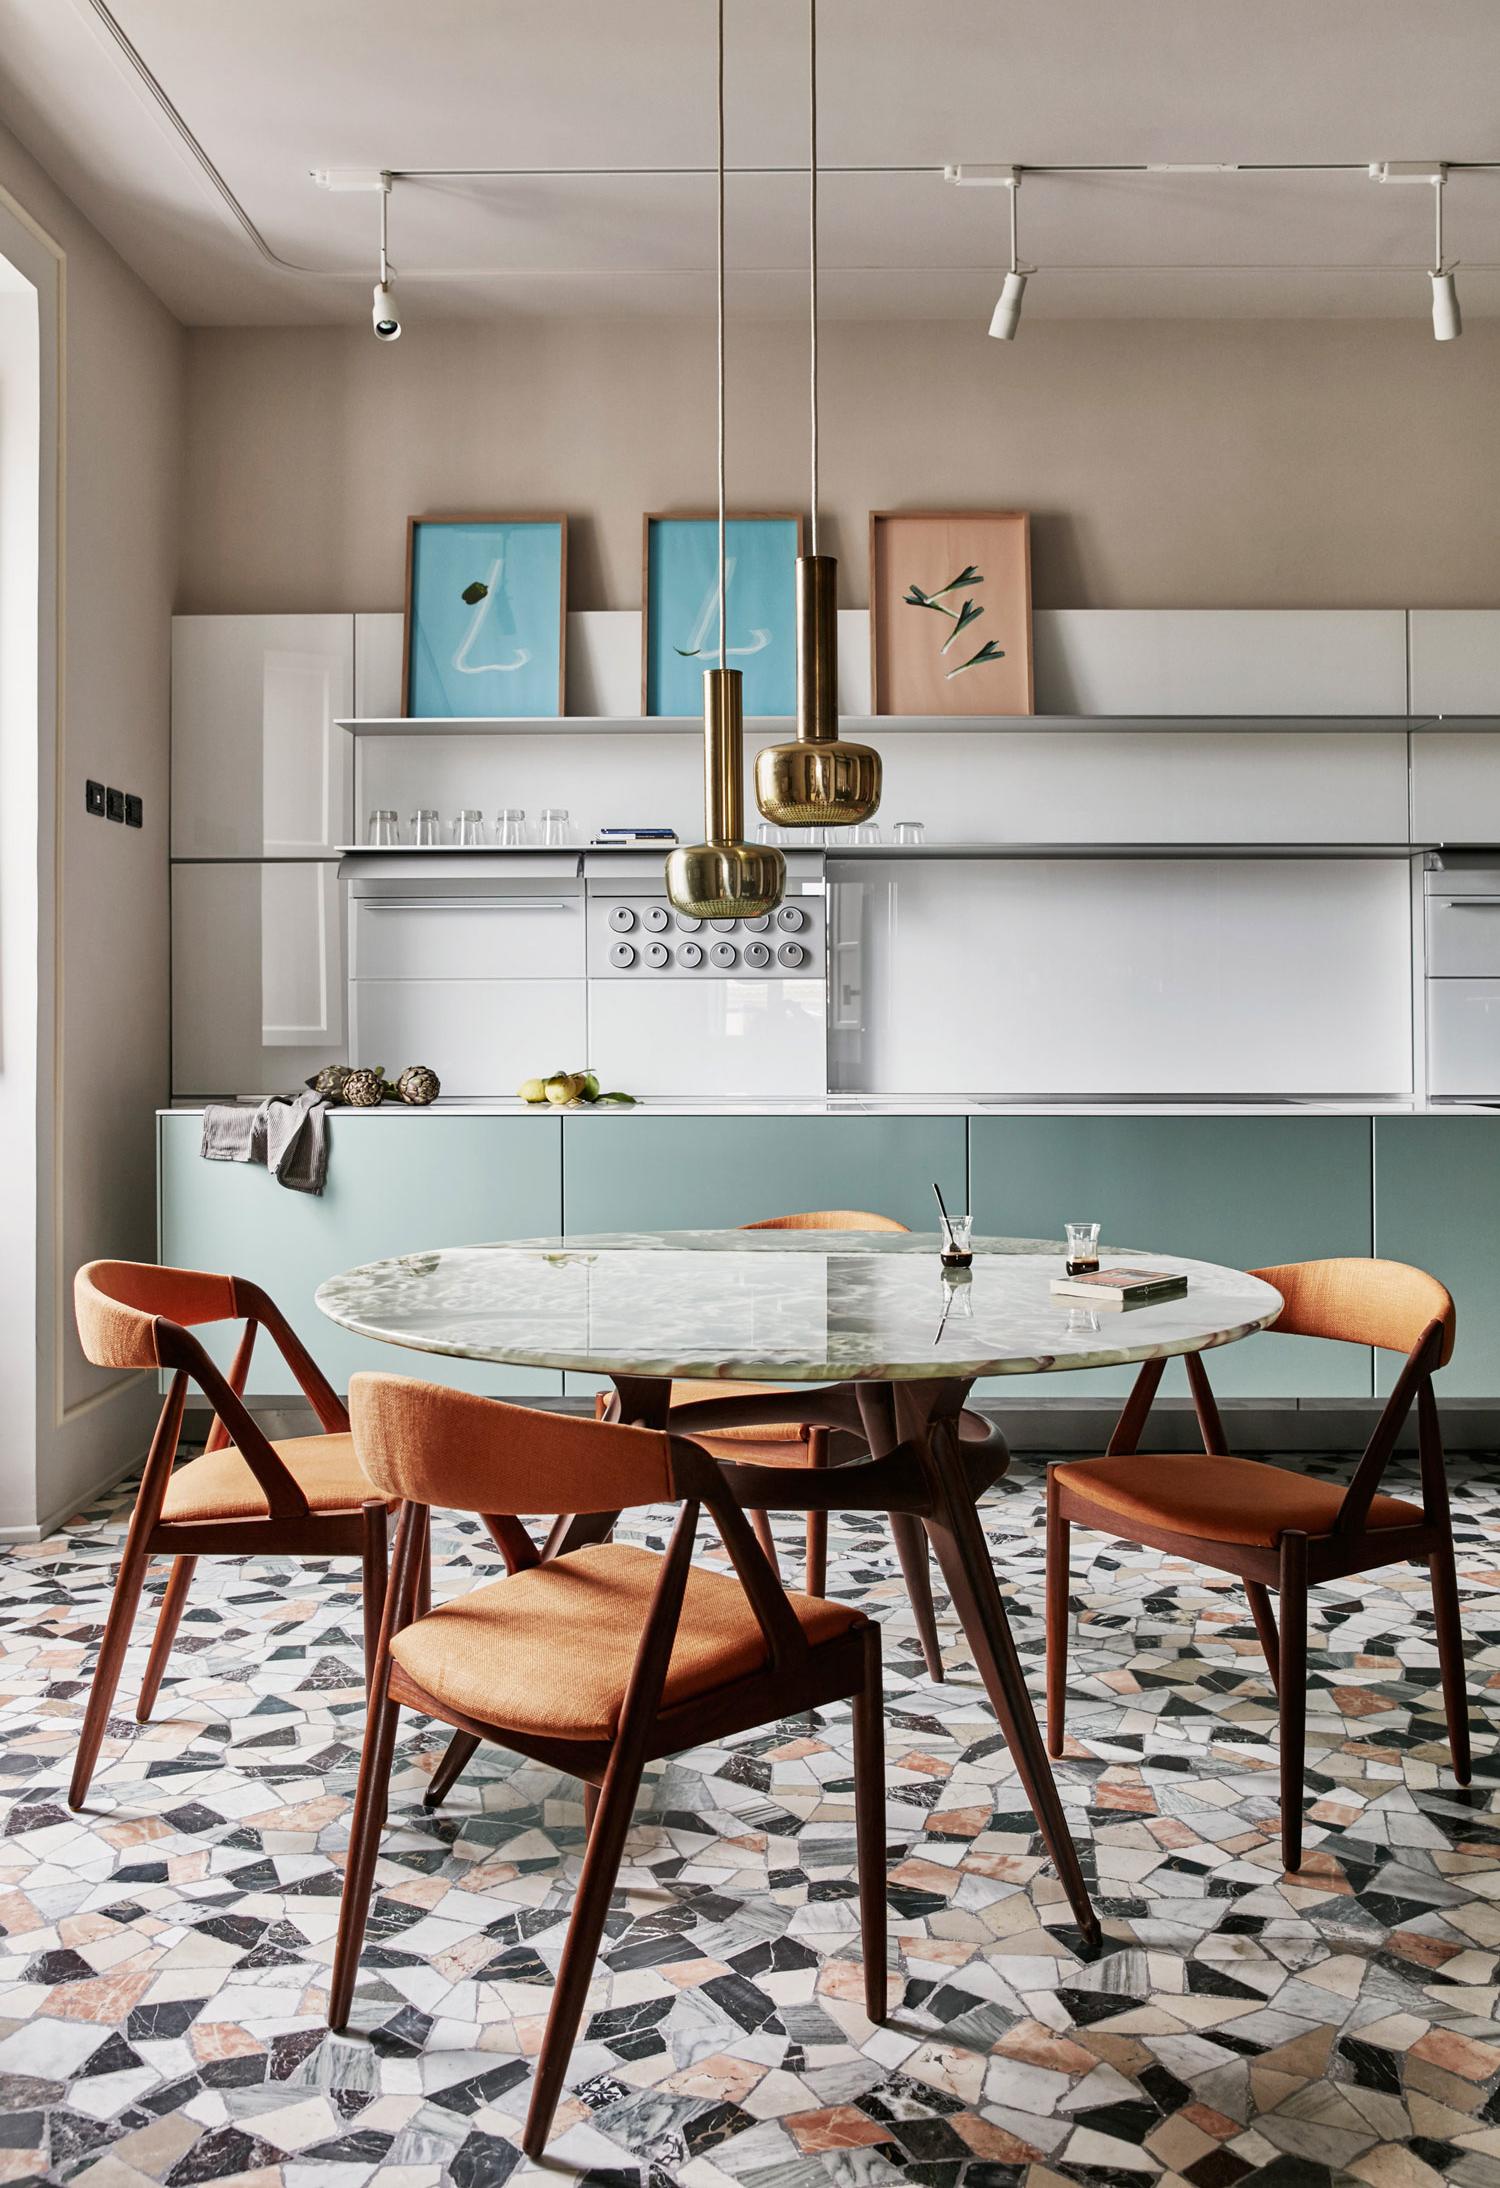 Outra ideia de cozinha colorida com tons de uma paleta mais clara e confortável